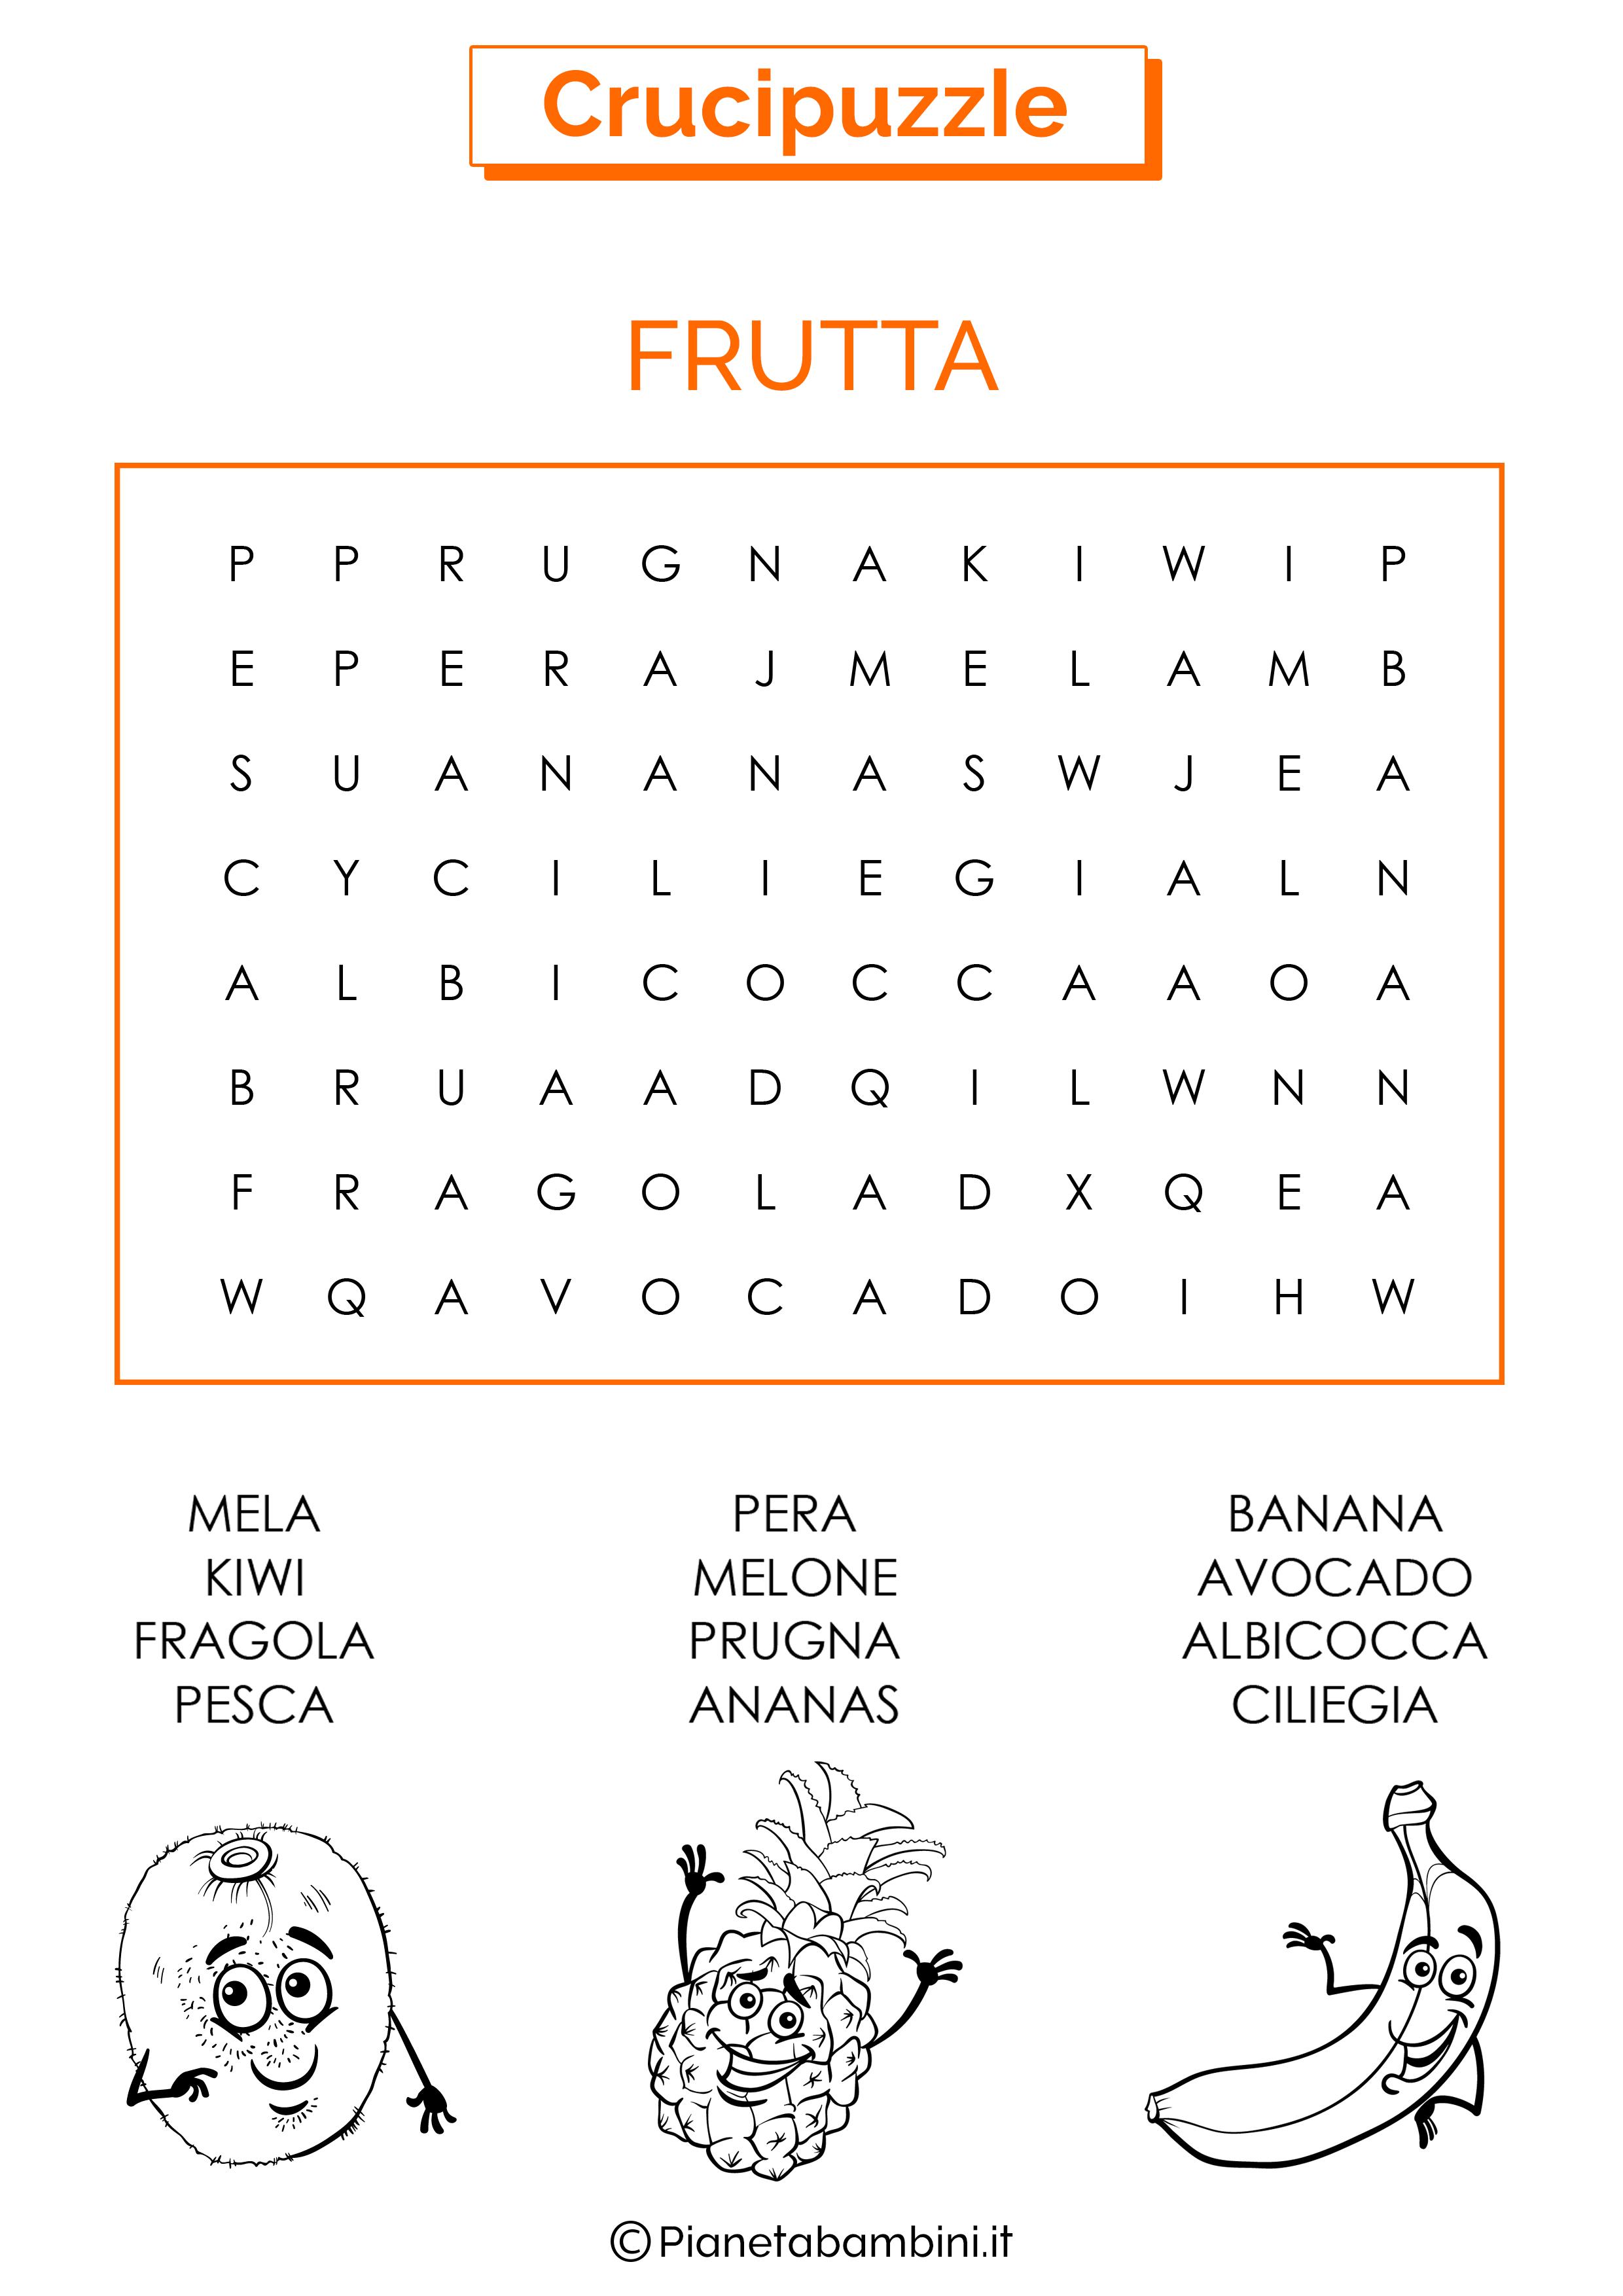 Crucipuzzle facile sulla frutta